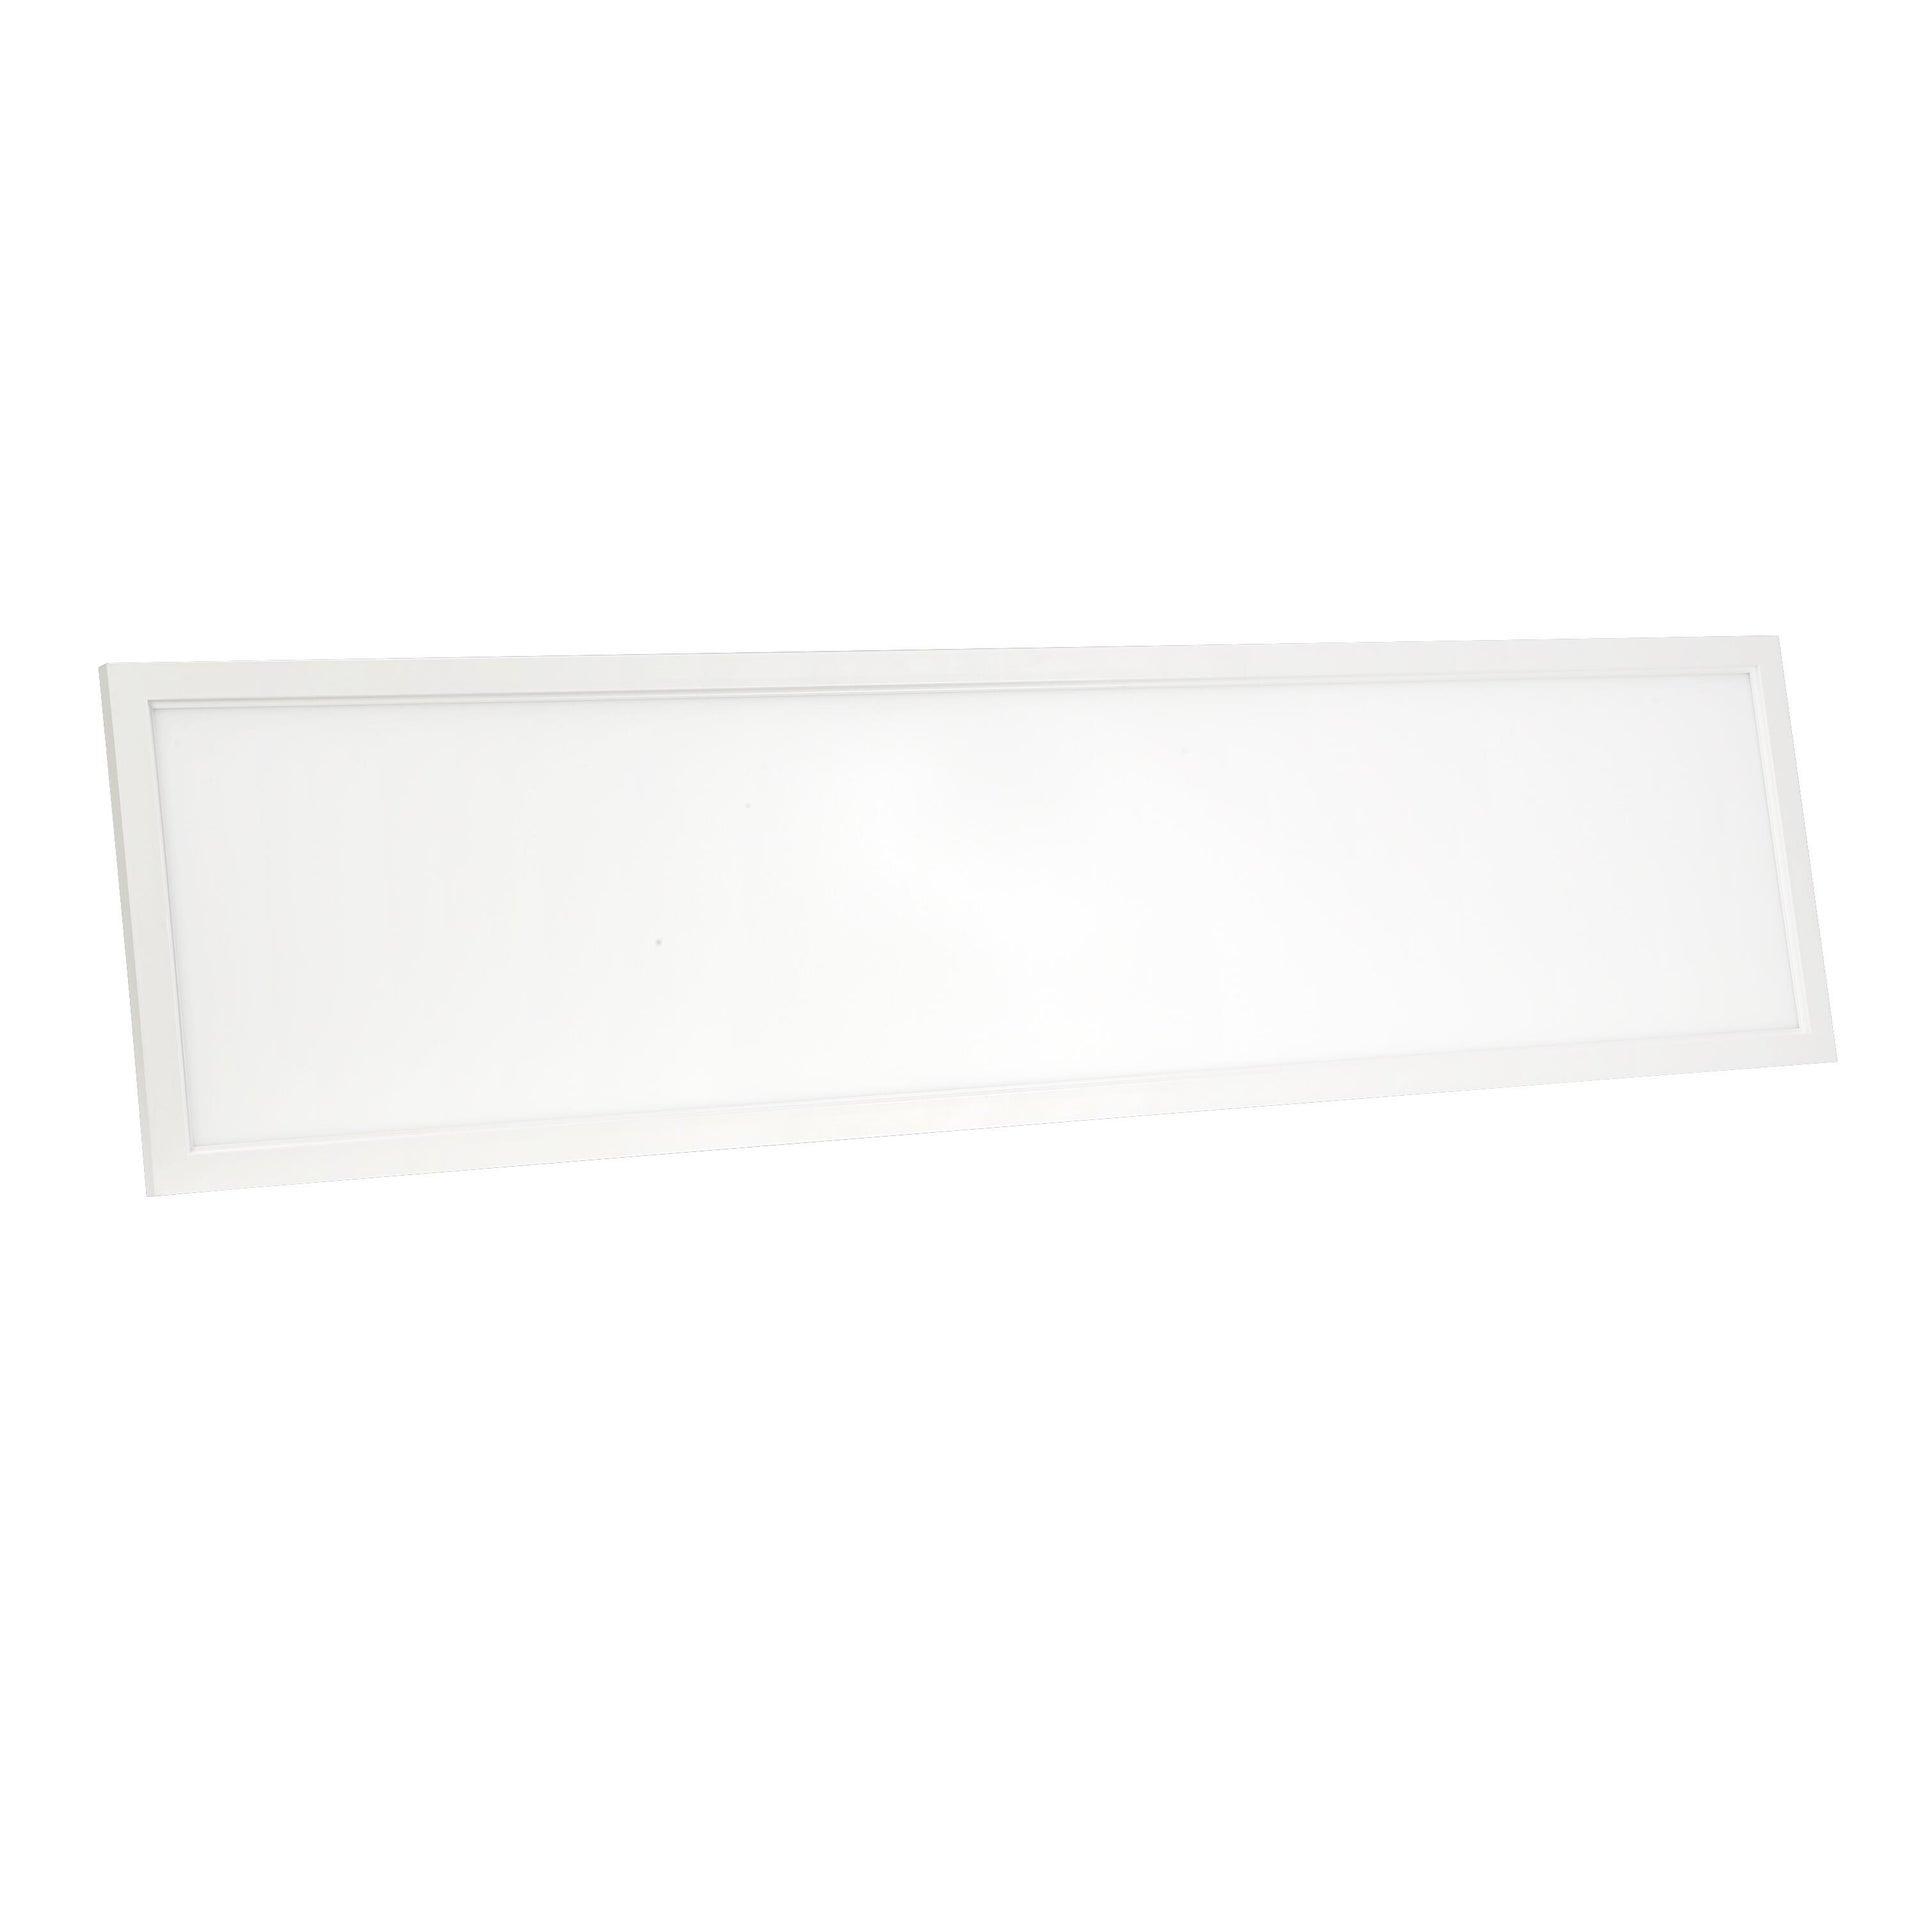 Pannello led Anvik 30x120 cm bianco naturale, 4000LM INSPIRE - 2